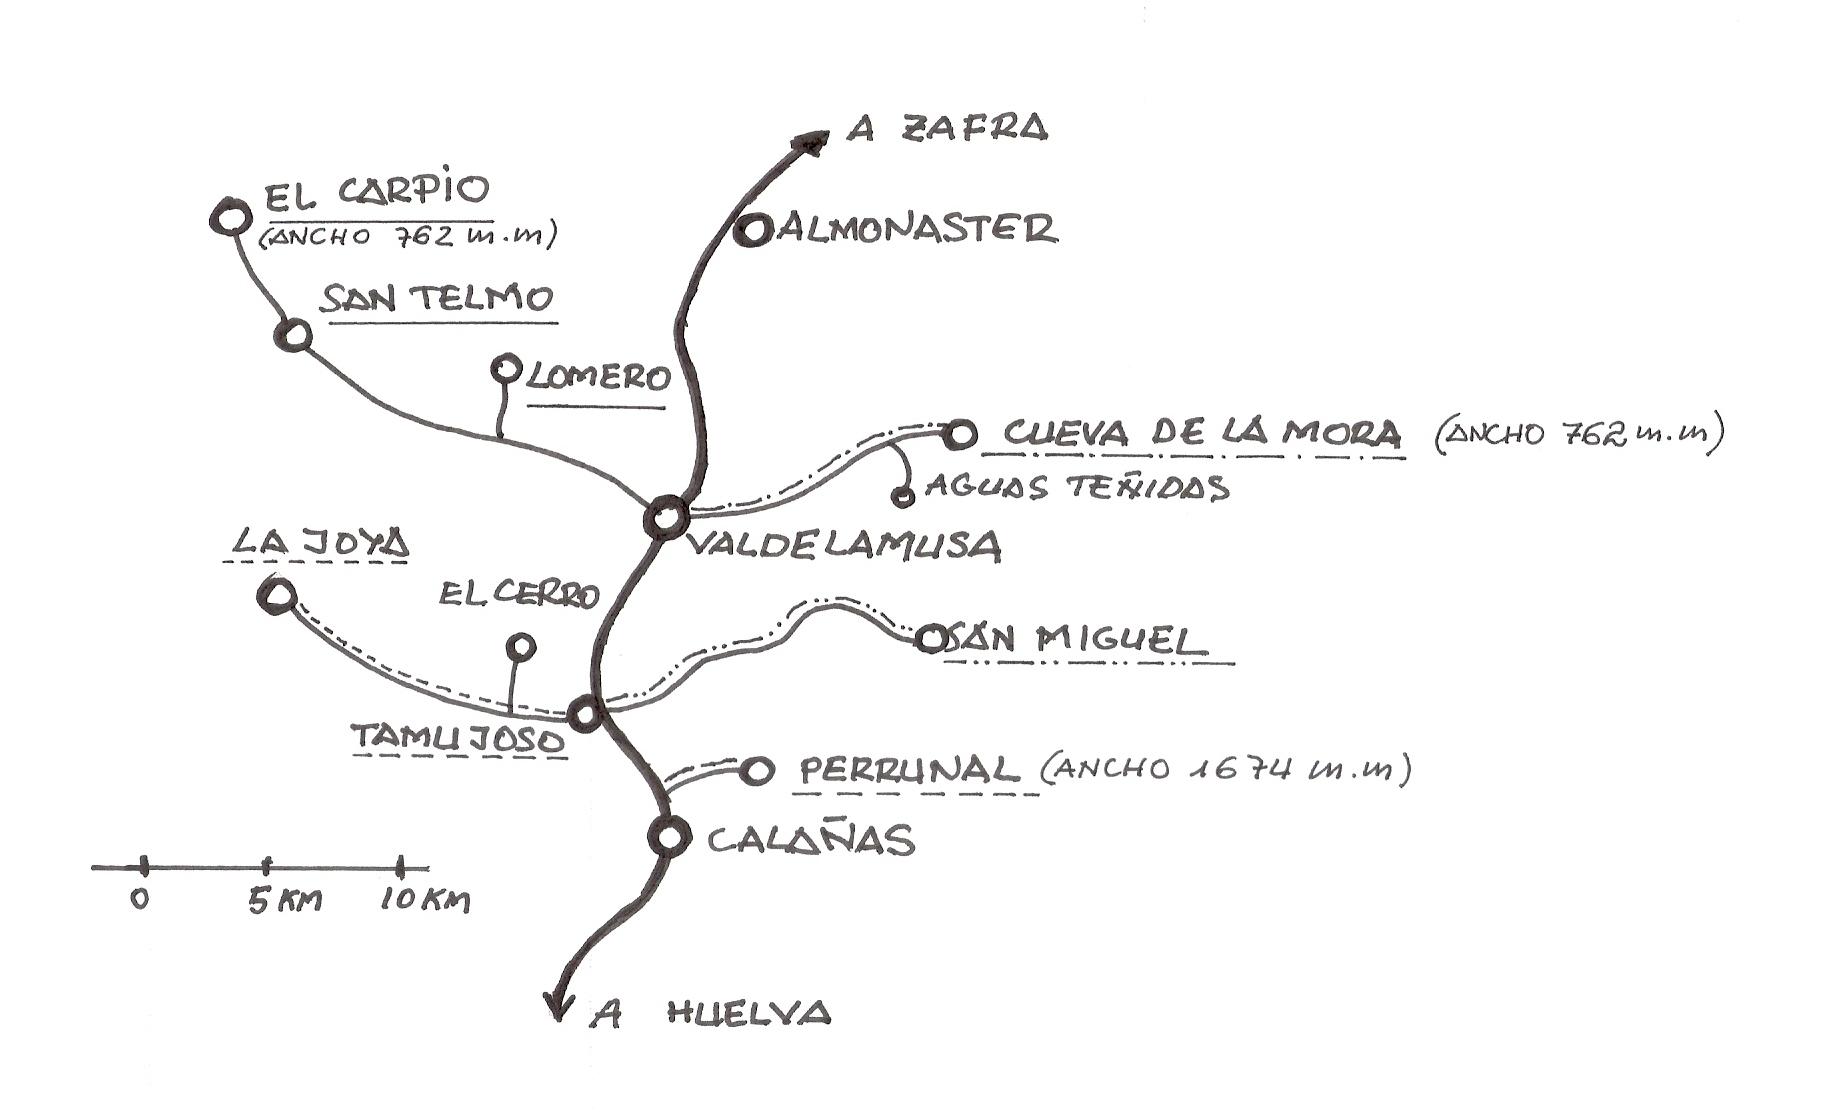 Esquema de las linas que confluyen al Ferrocarril de Zafra a Huelva,